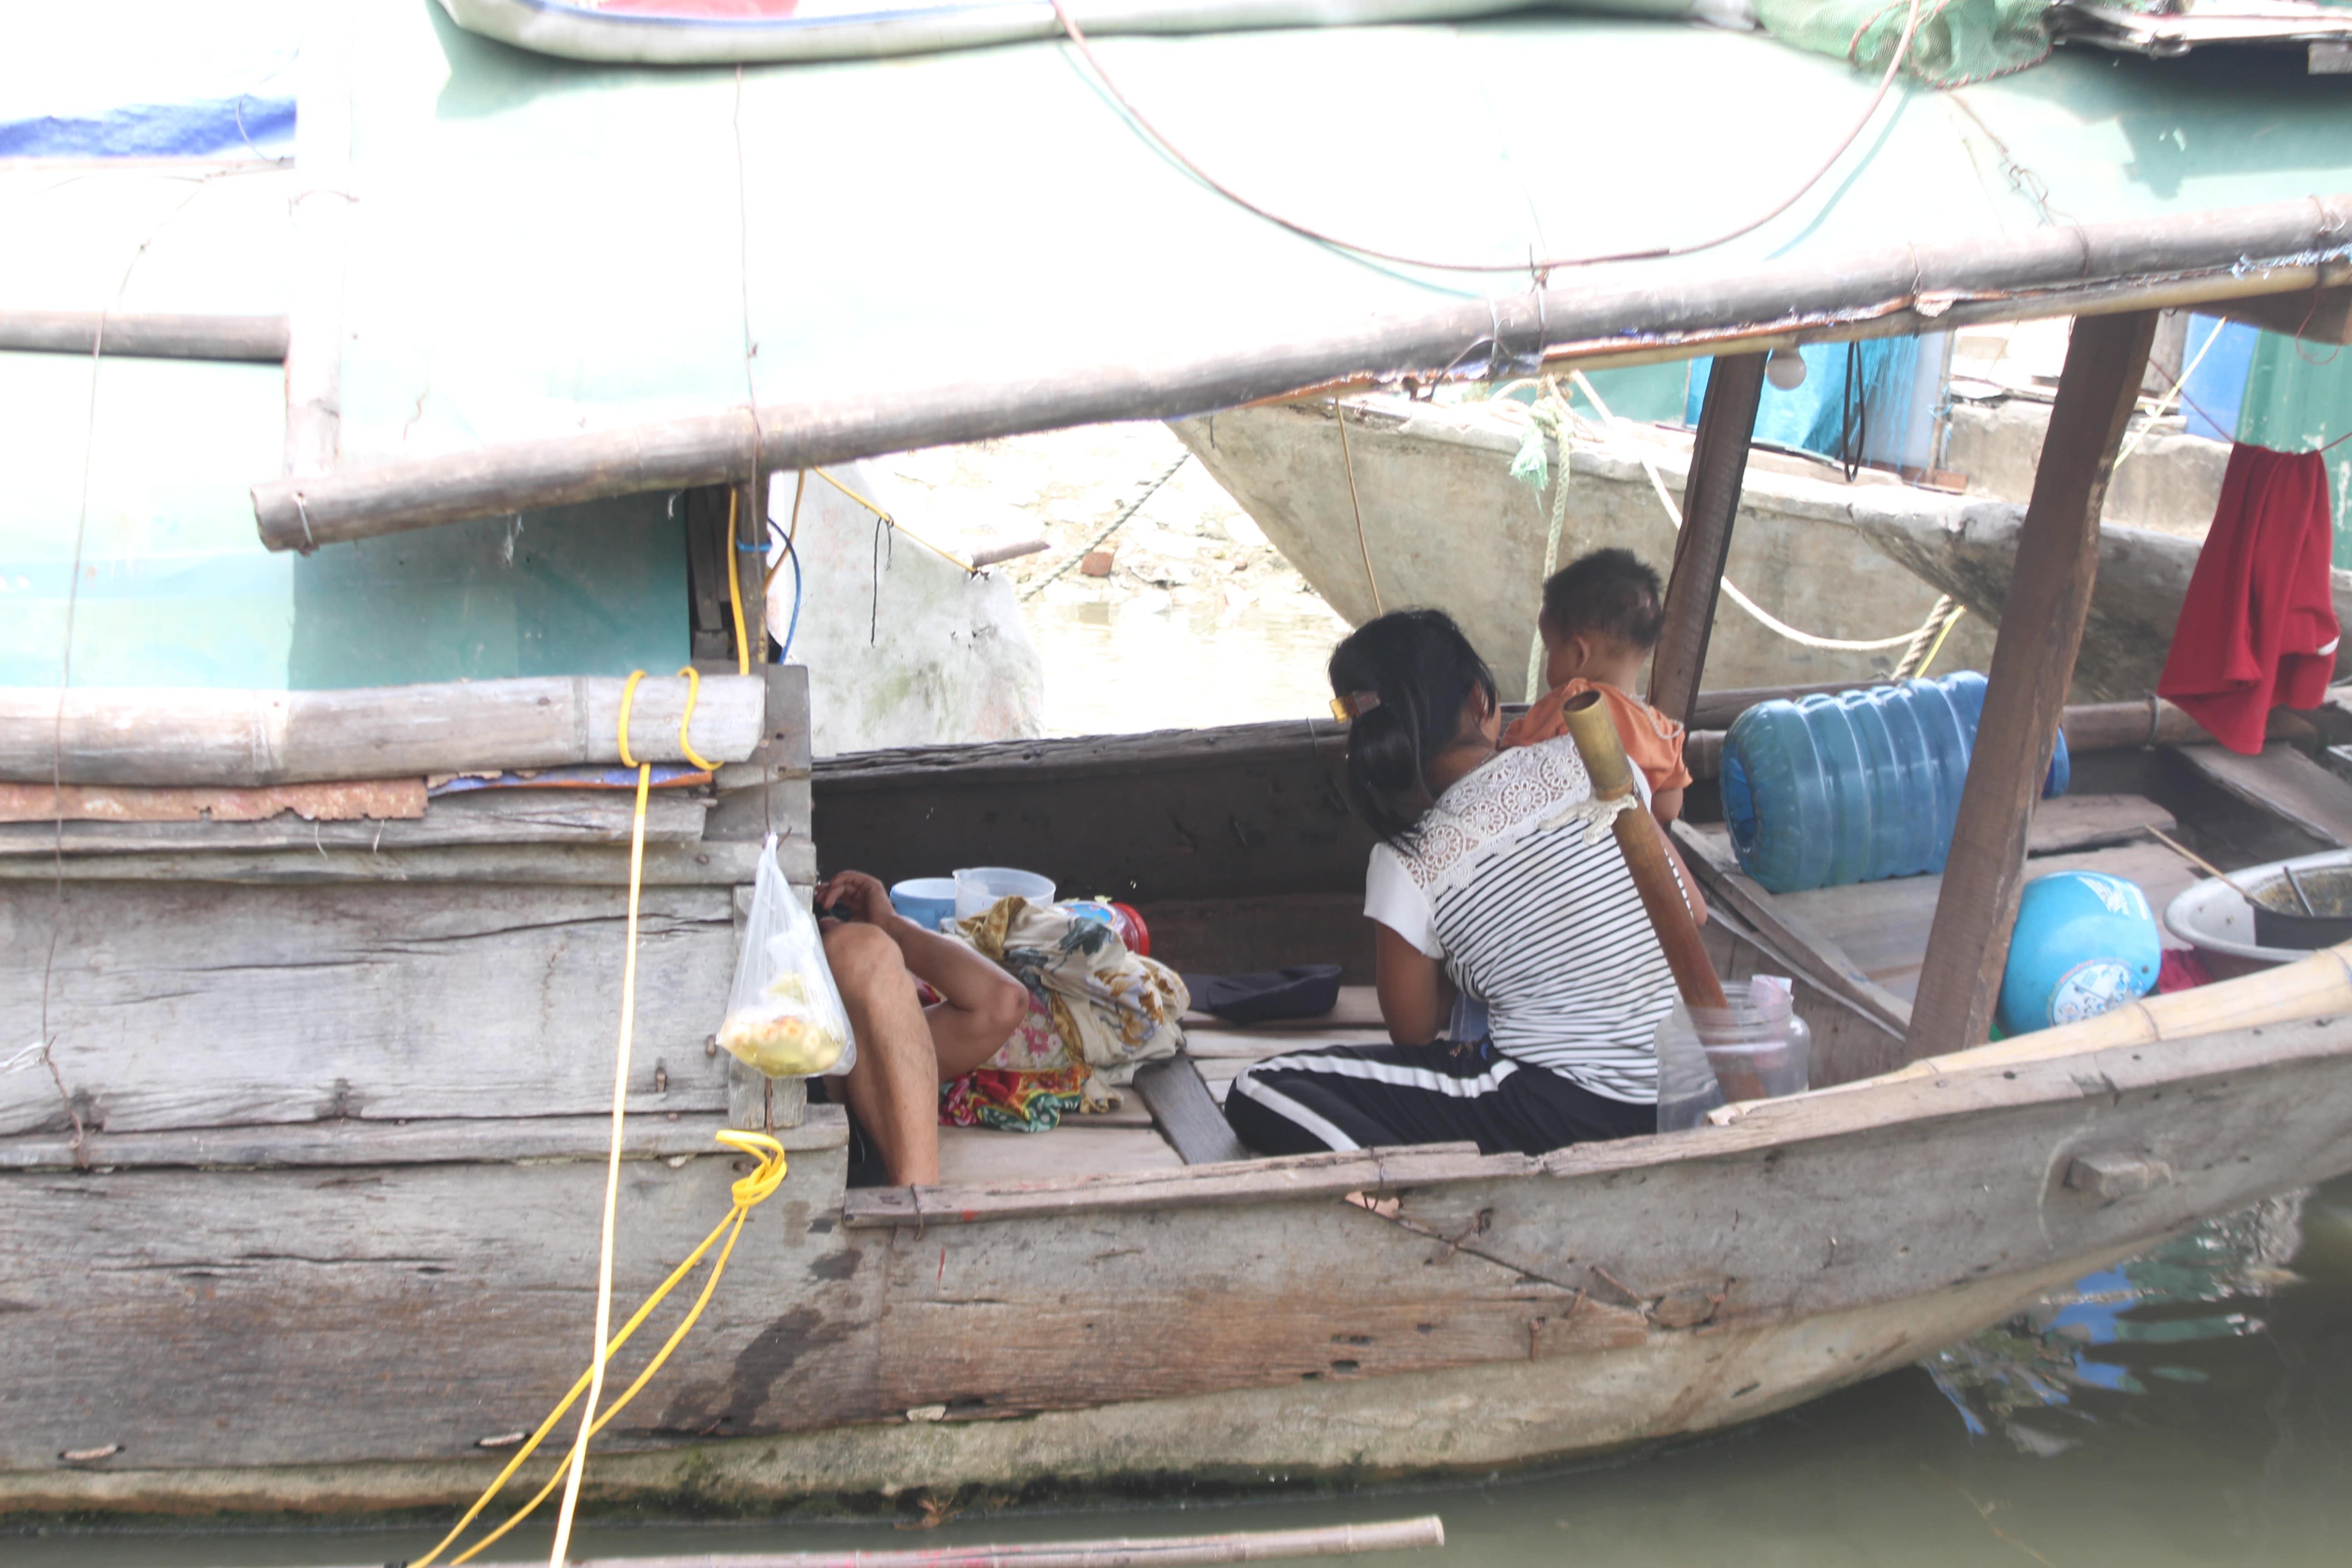 Giữa cái nóng hơn 40 độ C, dù đã dỗ dành nhưng nhiều đứa trẻ xóm chài vẫn không ngủ được.